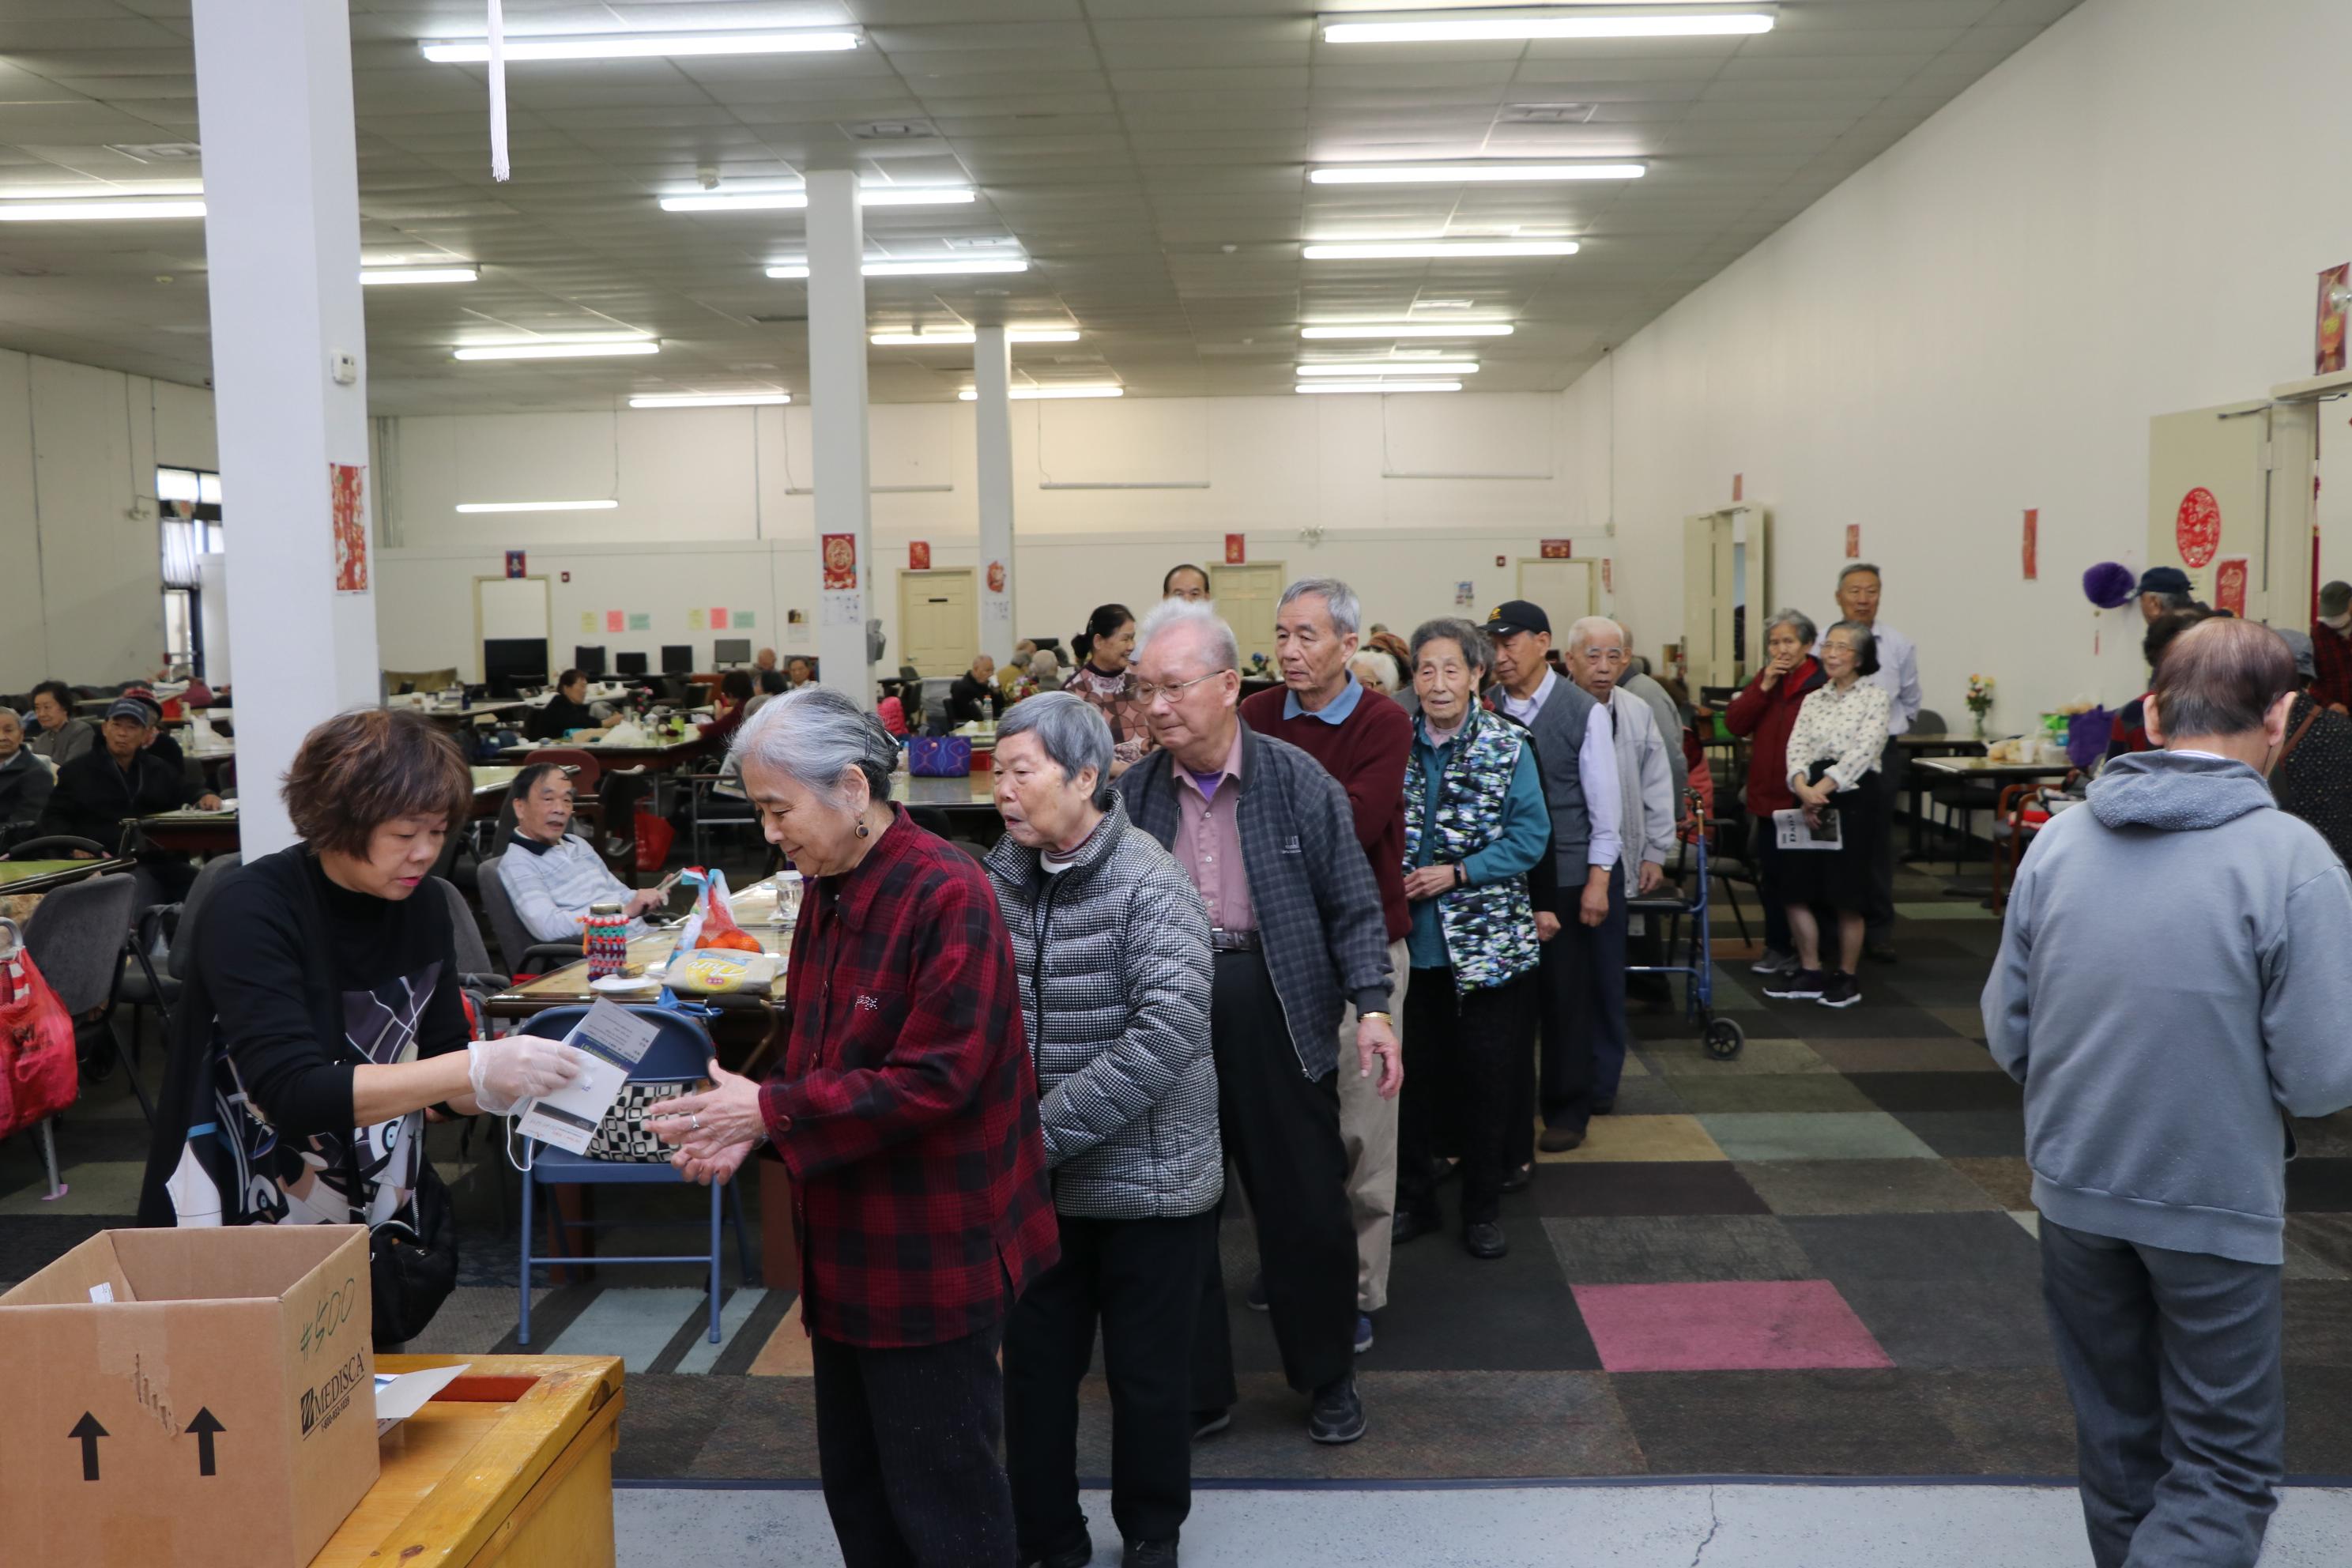 美福保健藥局的工作人員熱心地為陽光活動中心的老人家送上口罩,老人家都很開心。(記者封昌明/攝影)